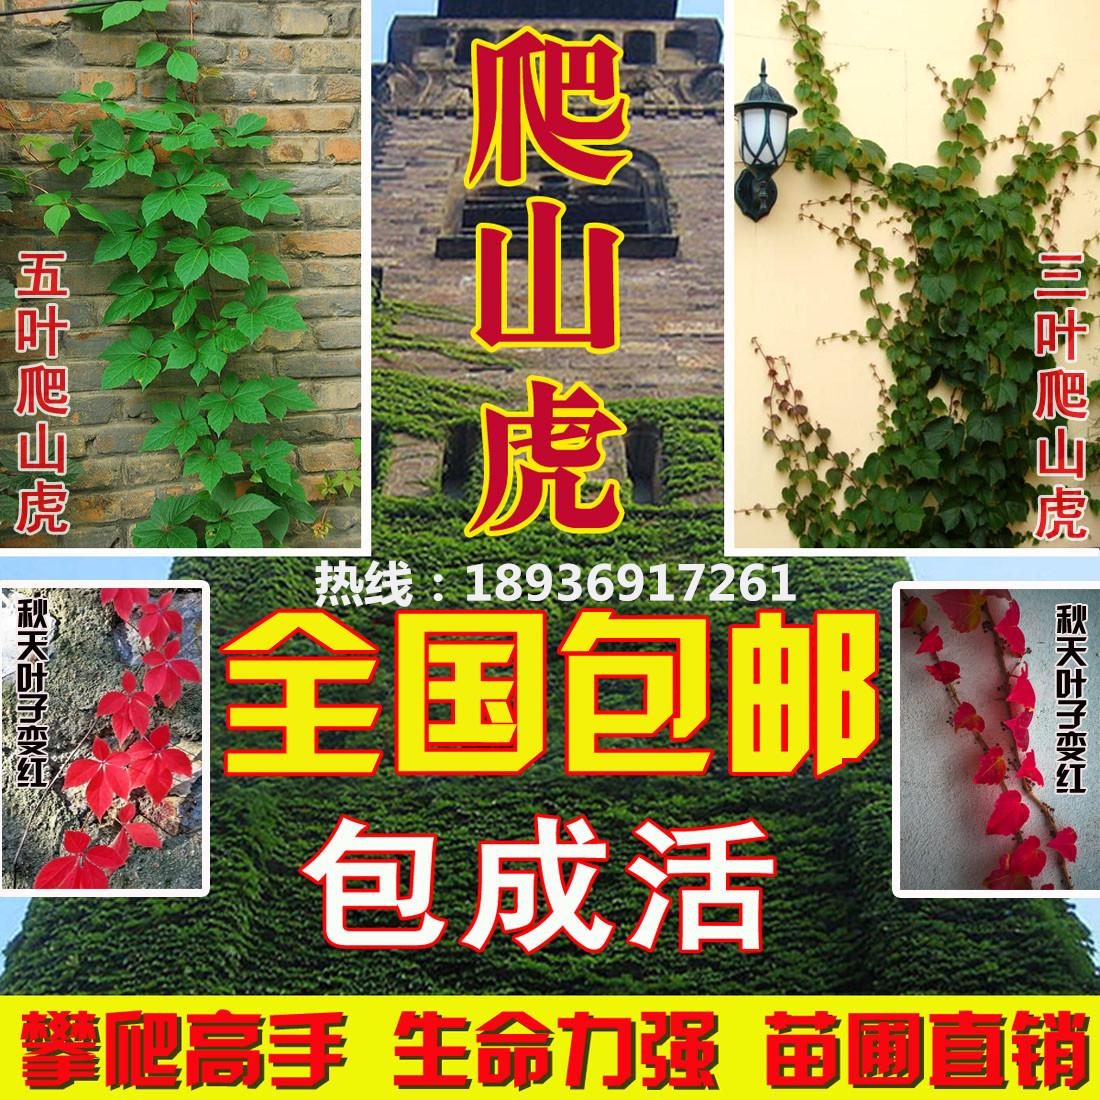 攀援爬藤植物美国五叶地锦苗子-爬山虎大苗--爬藤红叶爬墙虎花卉